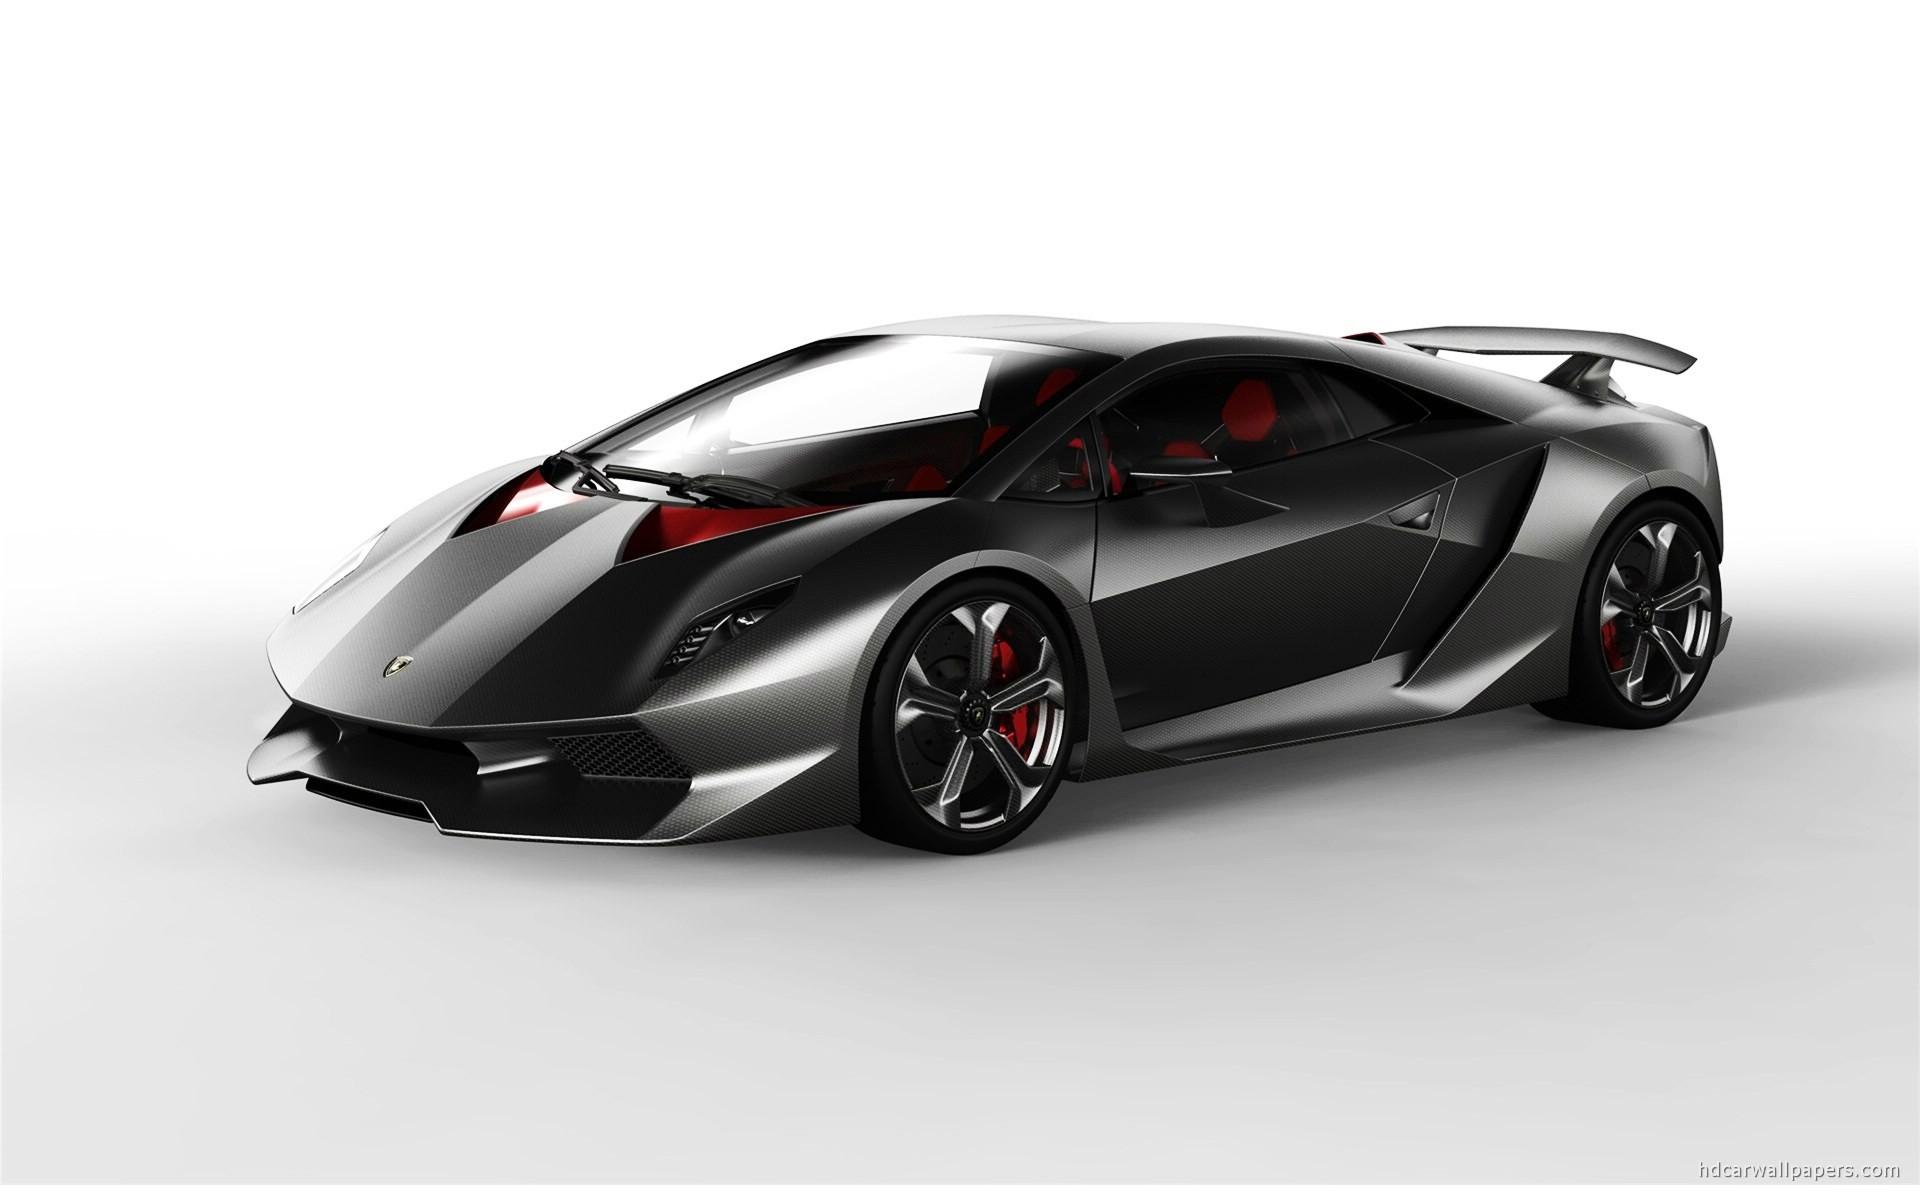 Lovely Vehicles   Lamborghini Sesto Elemento Wallpaper 1920x1080. 1920x1080. 47 ·  Download · Lamborghini Sesto ...